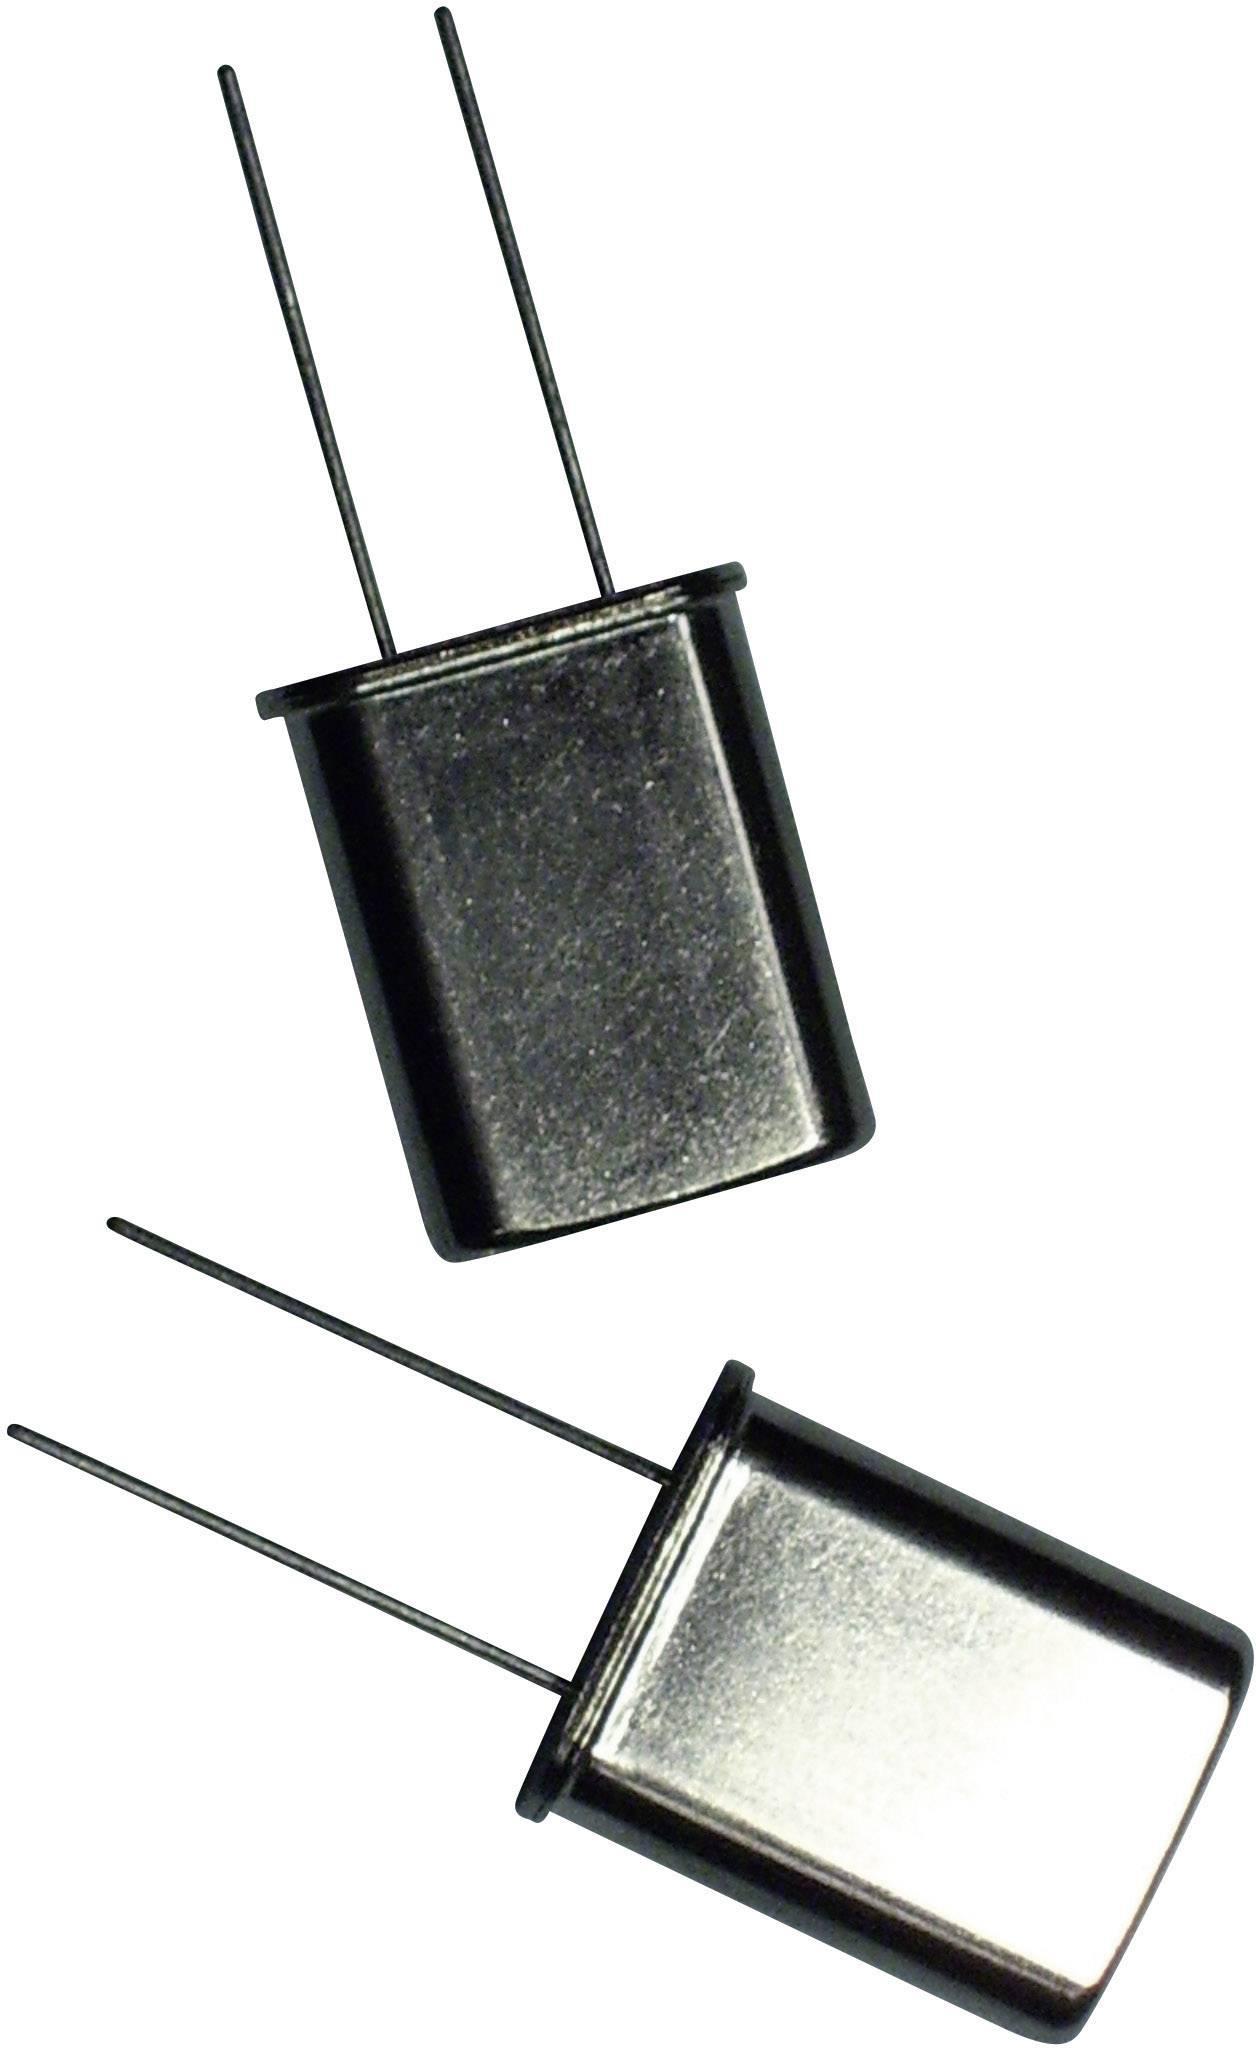 Krystal EuroQuartz, 10 MHz, HC49, 30/50/40/18PF/ATF